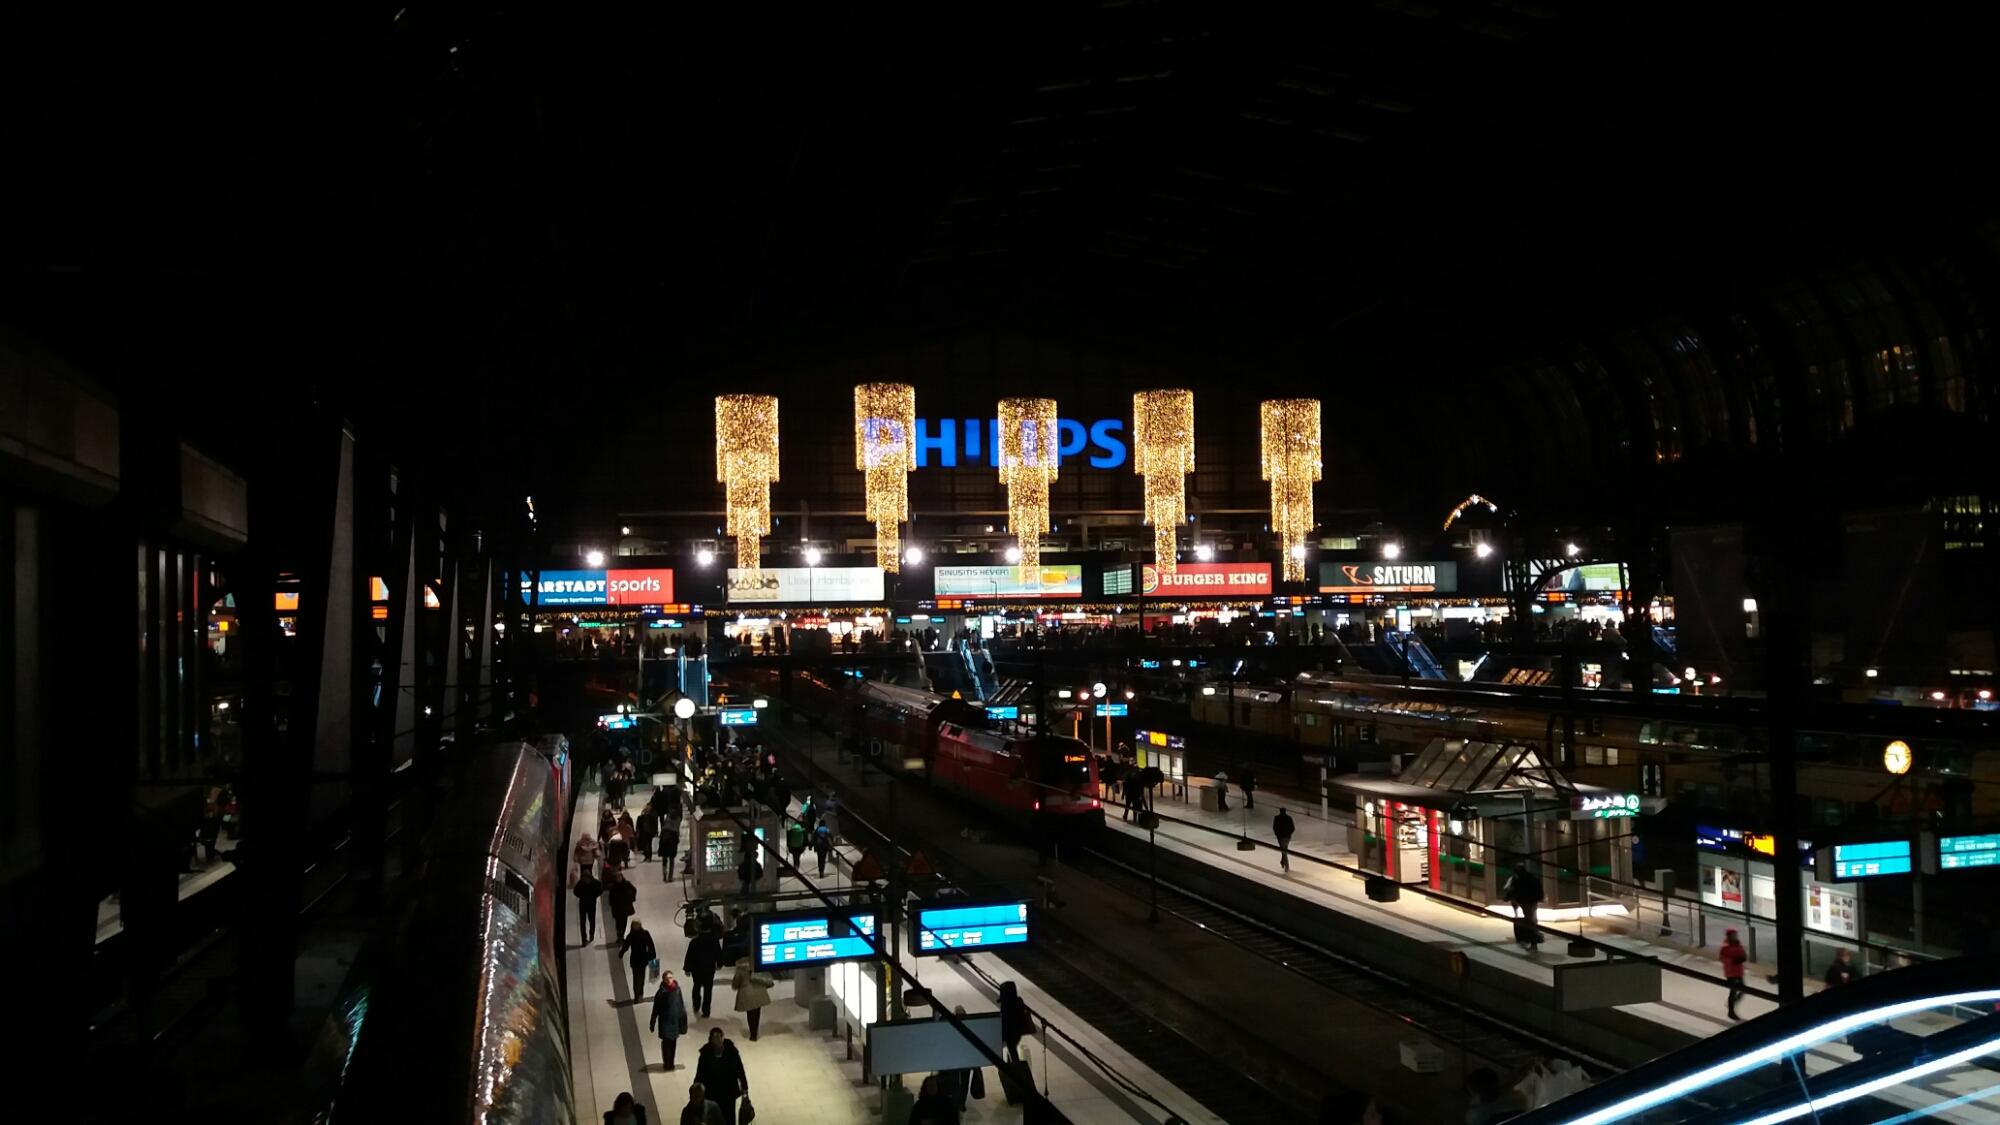 Saturn Weihnachtsbeleuchtung.Weihnachtsbeleuchtung Hamburg Hauptbahnhof Bilder Hamburg